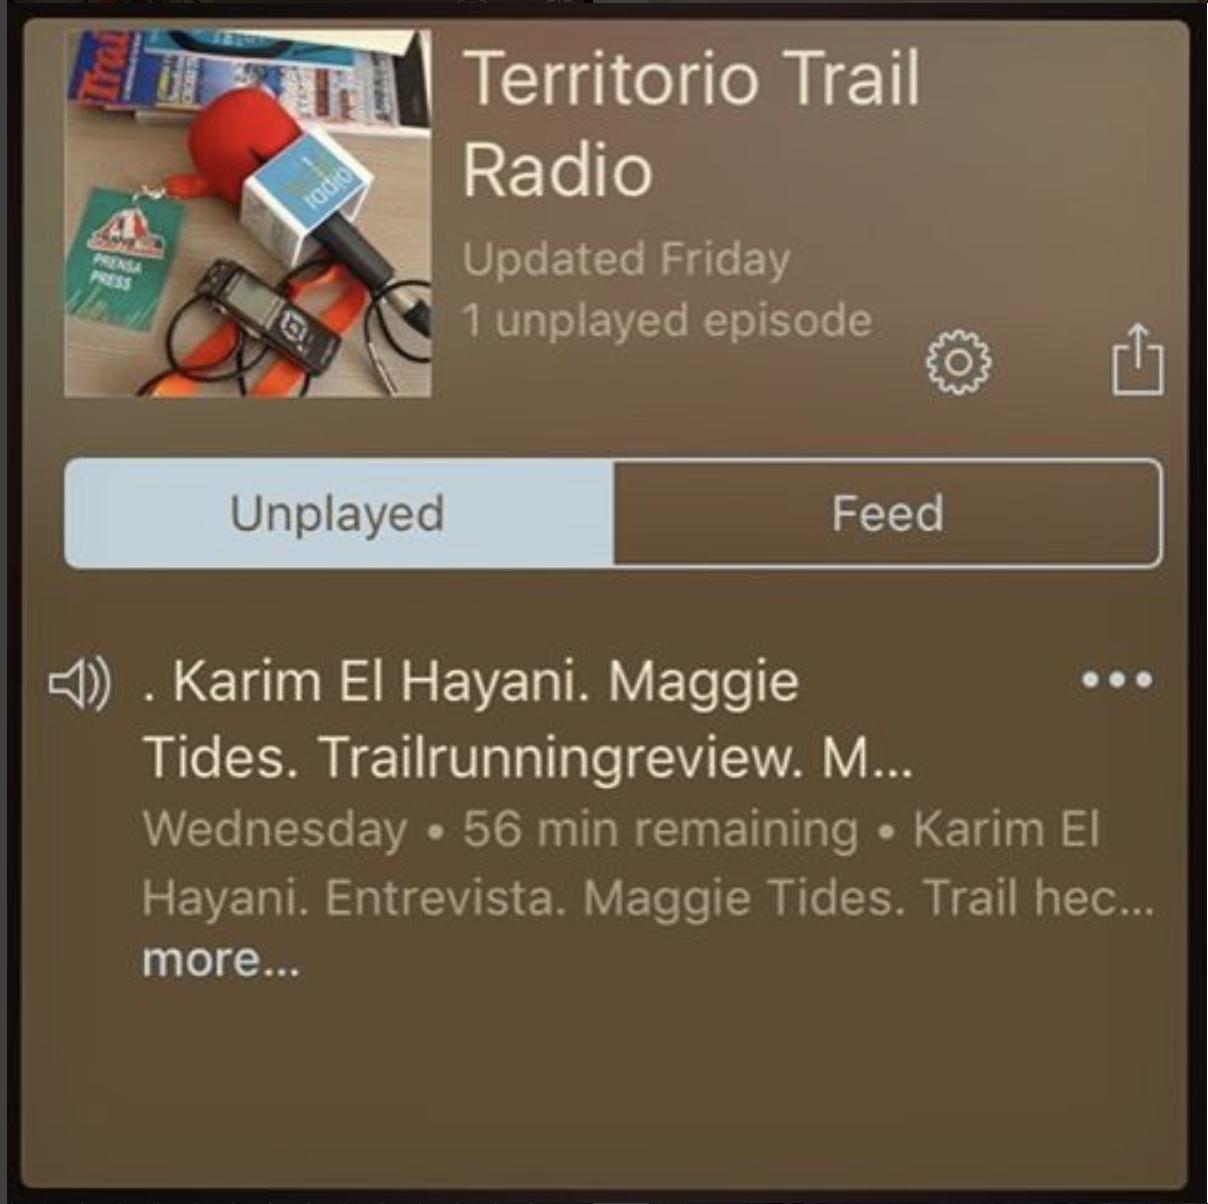 Territorio Trail Radio